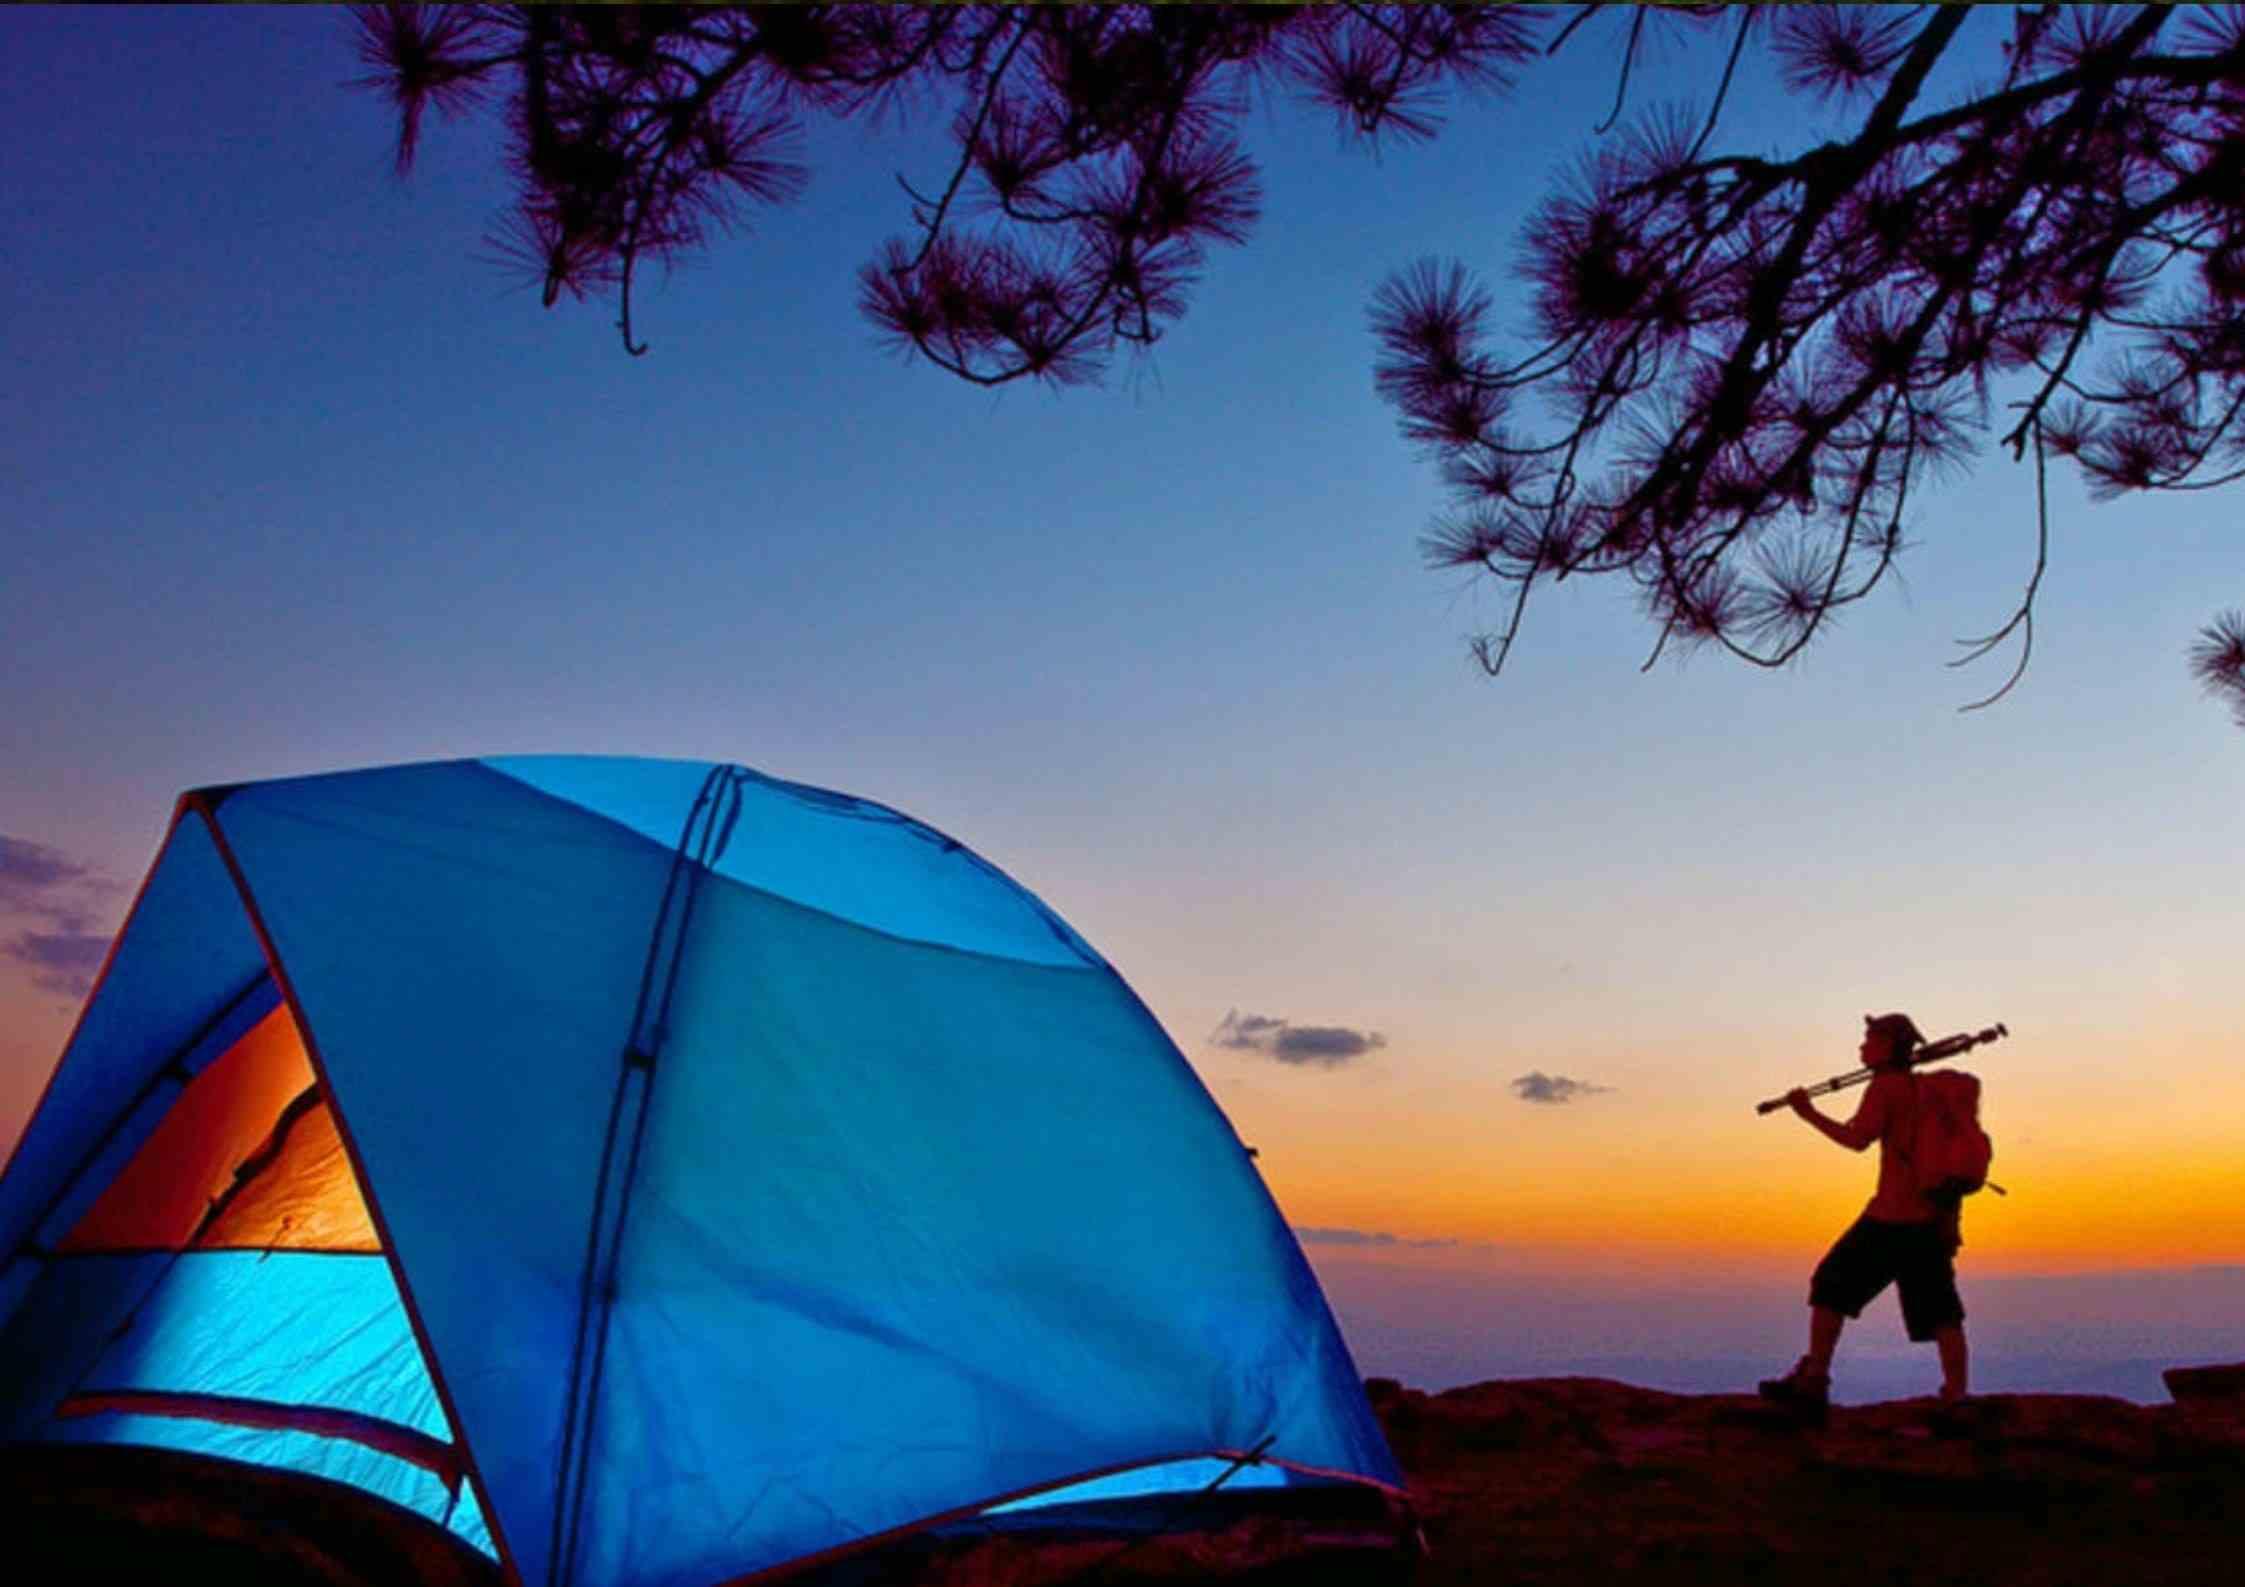 Camping at Nelamangala